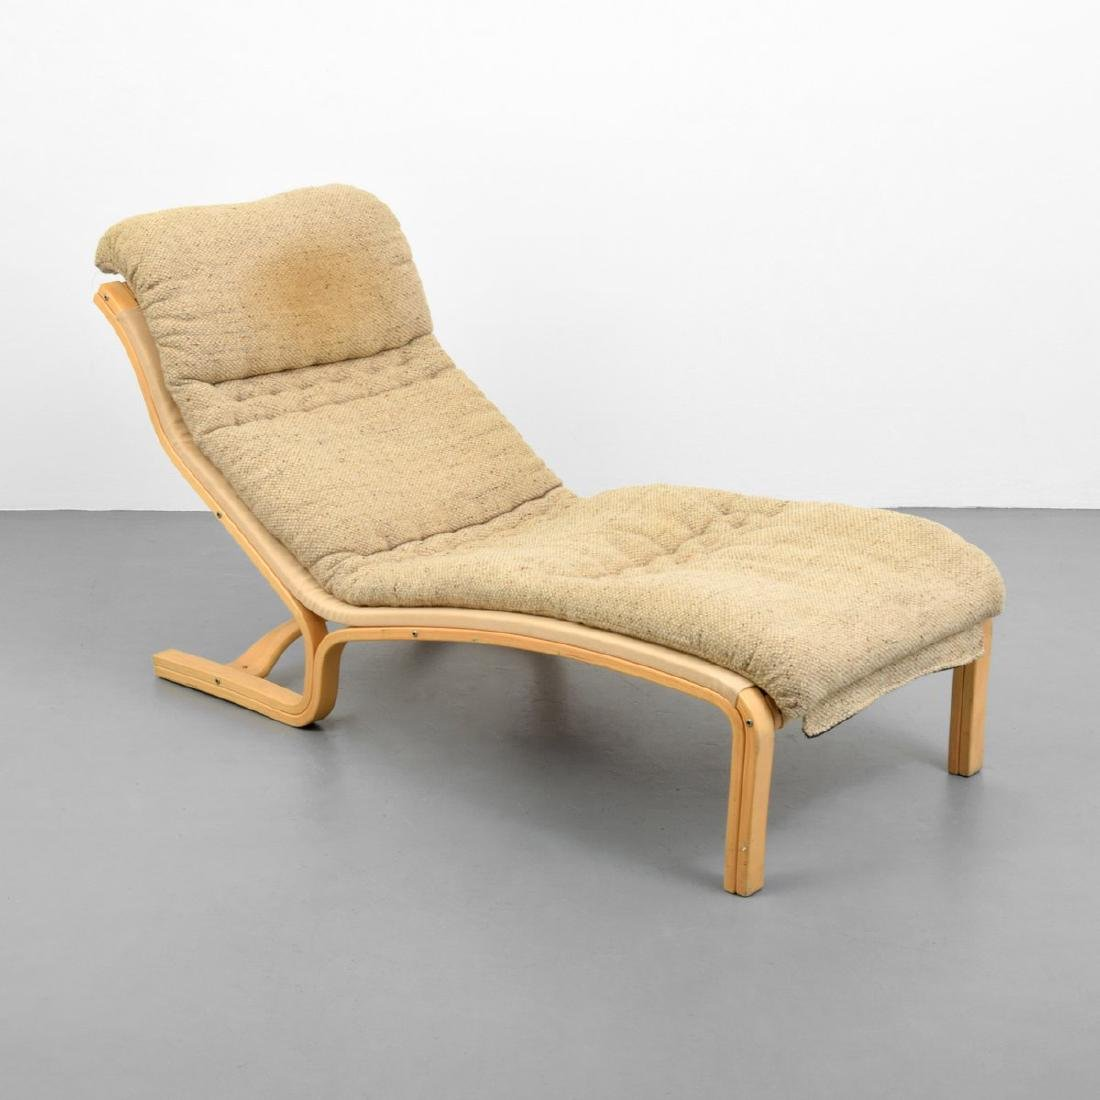 Esko Pajamies Chaise Lounge Chair